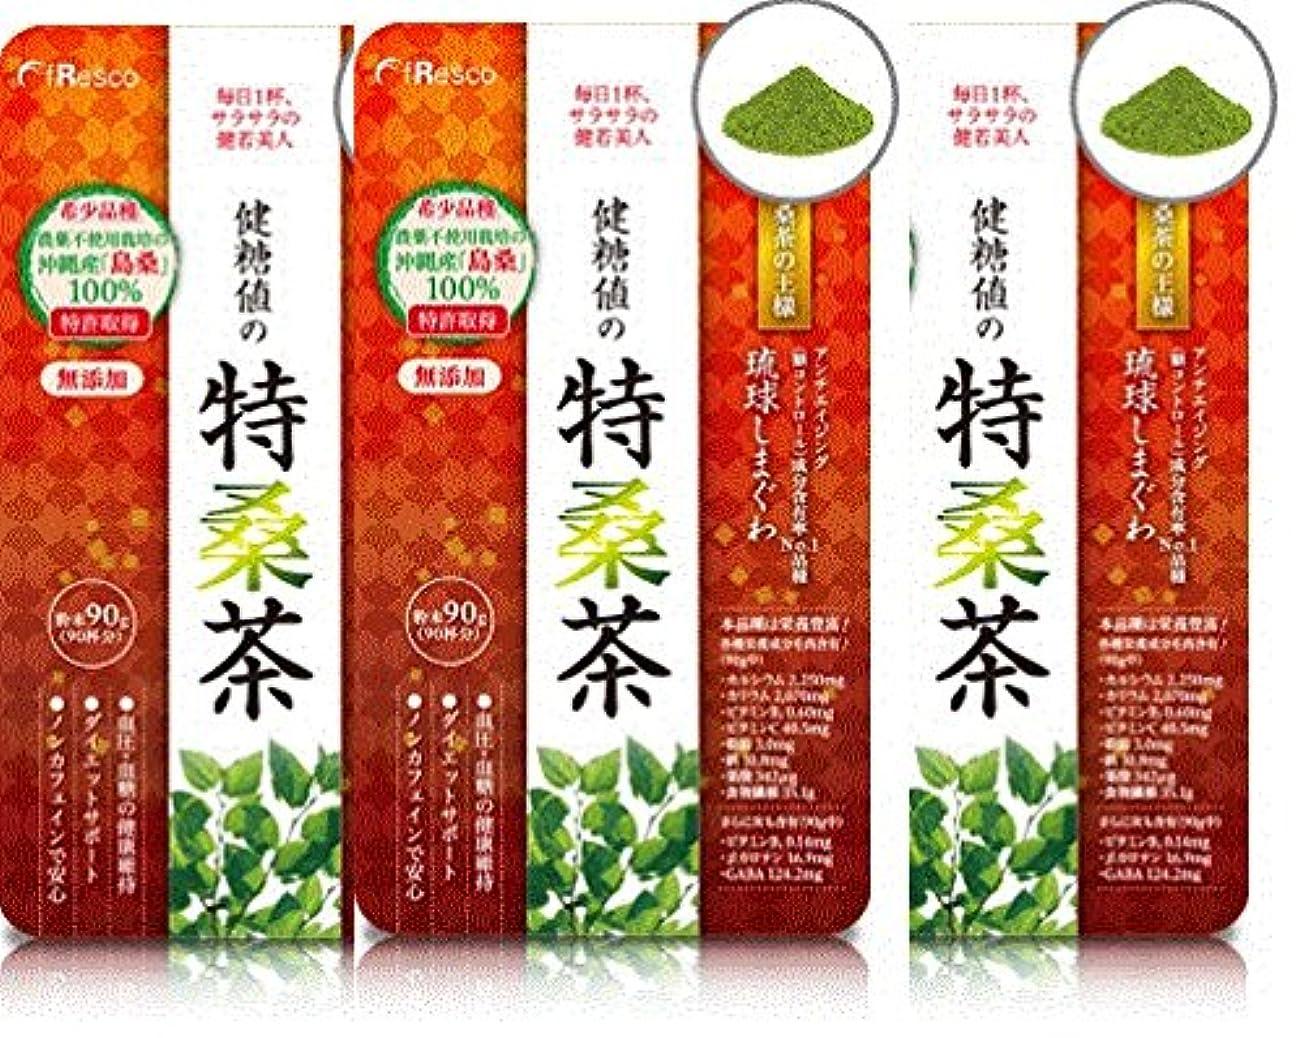 アプト処理見せます琉球しまぐわ 健糖値の特桑茶 270g(90g × 3袋) 【5% OFF】【送料無料】